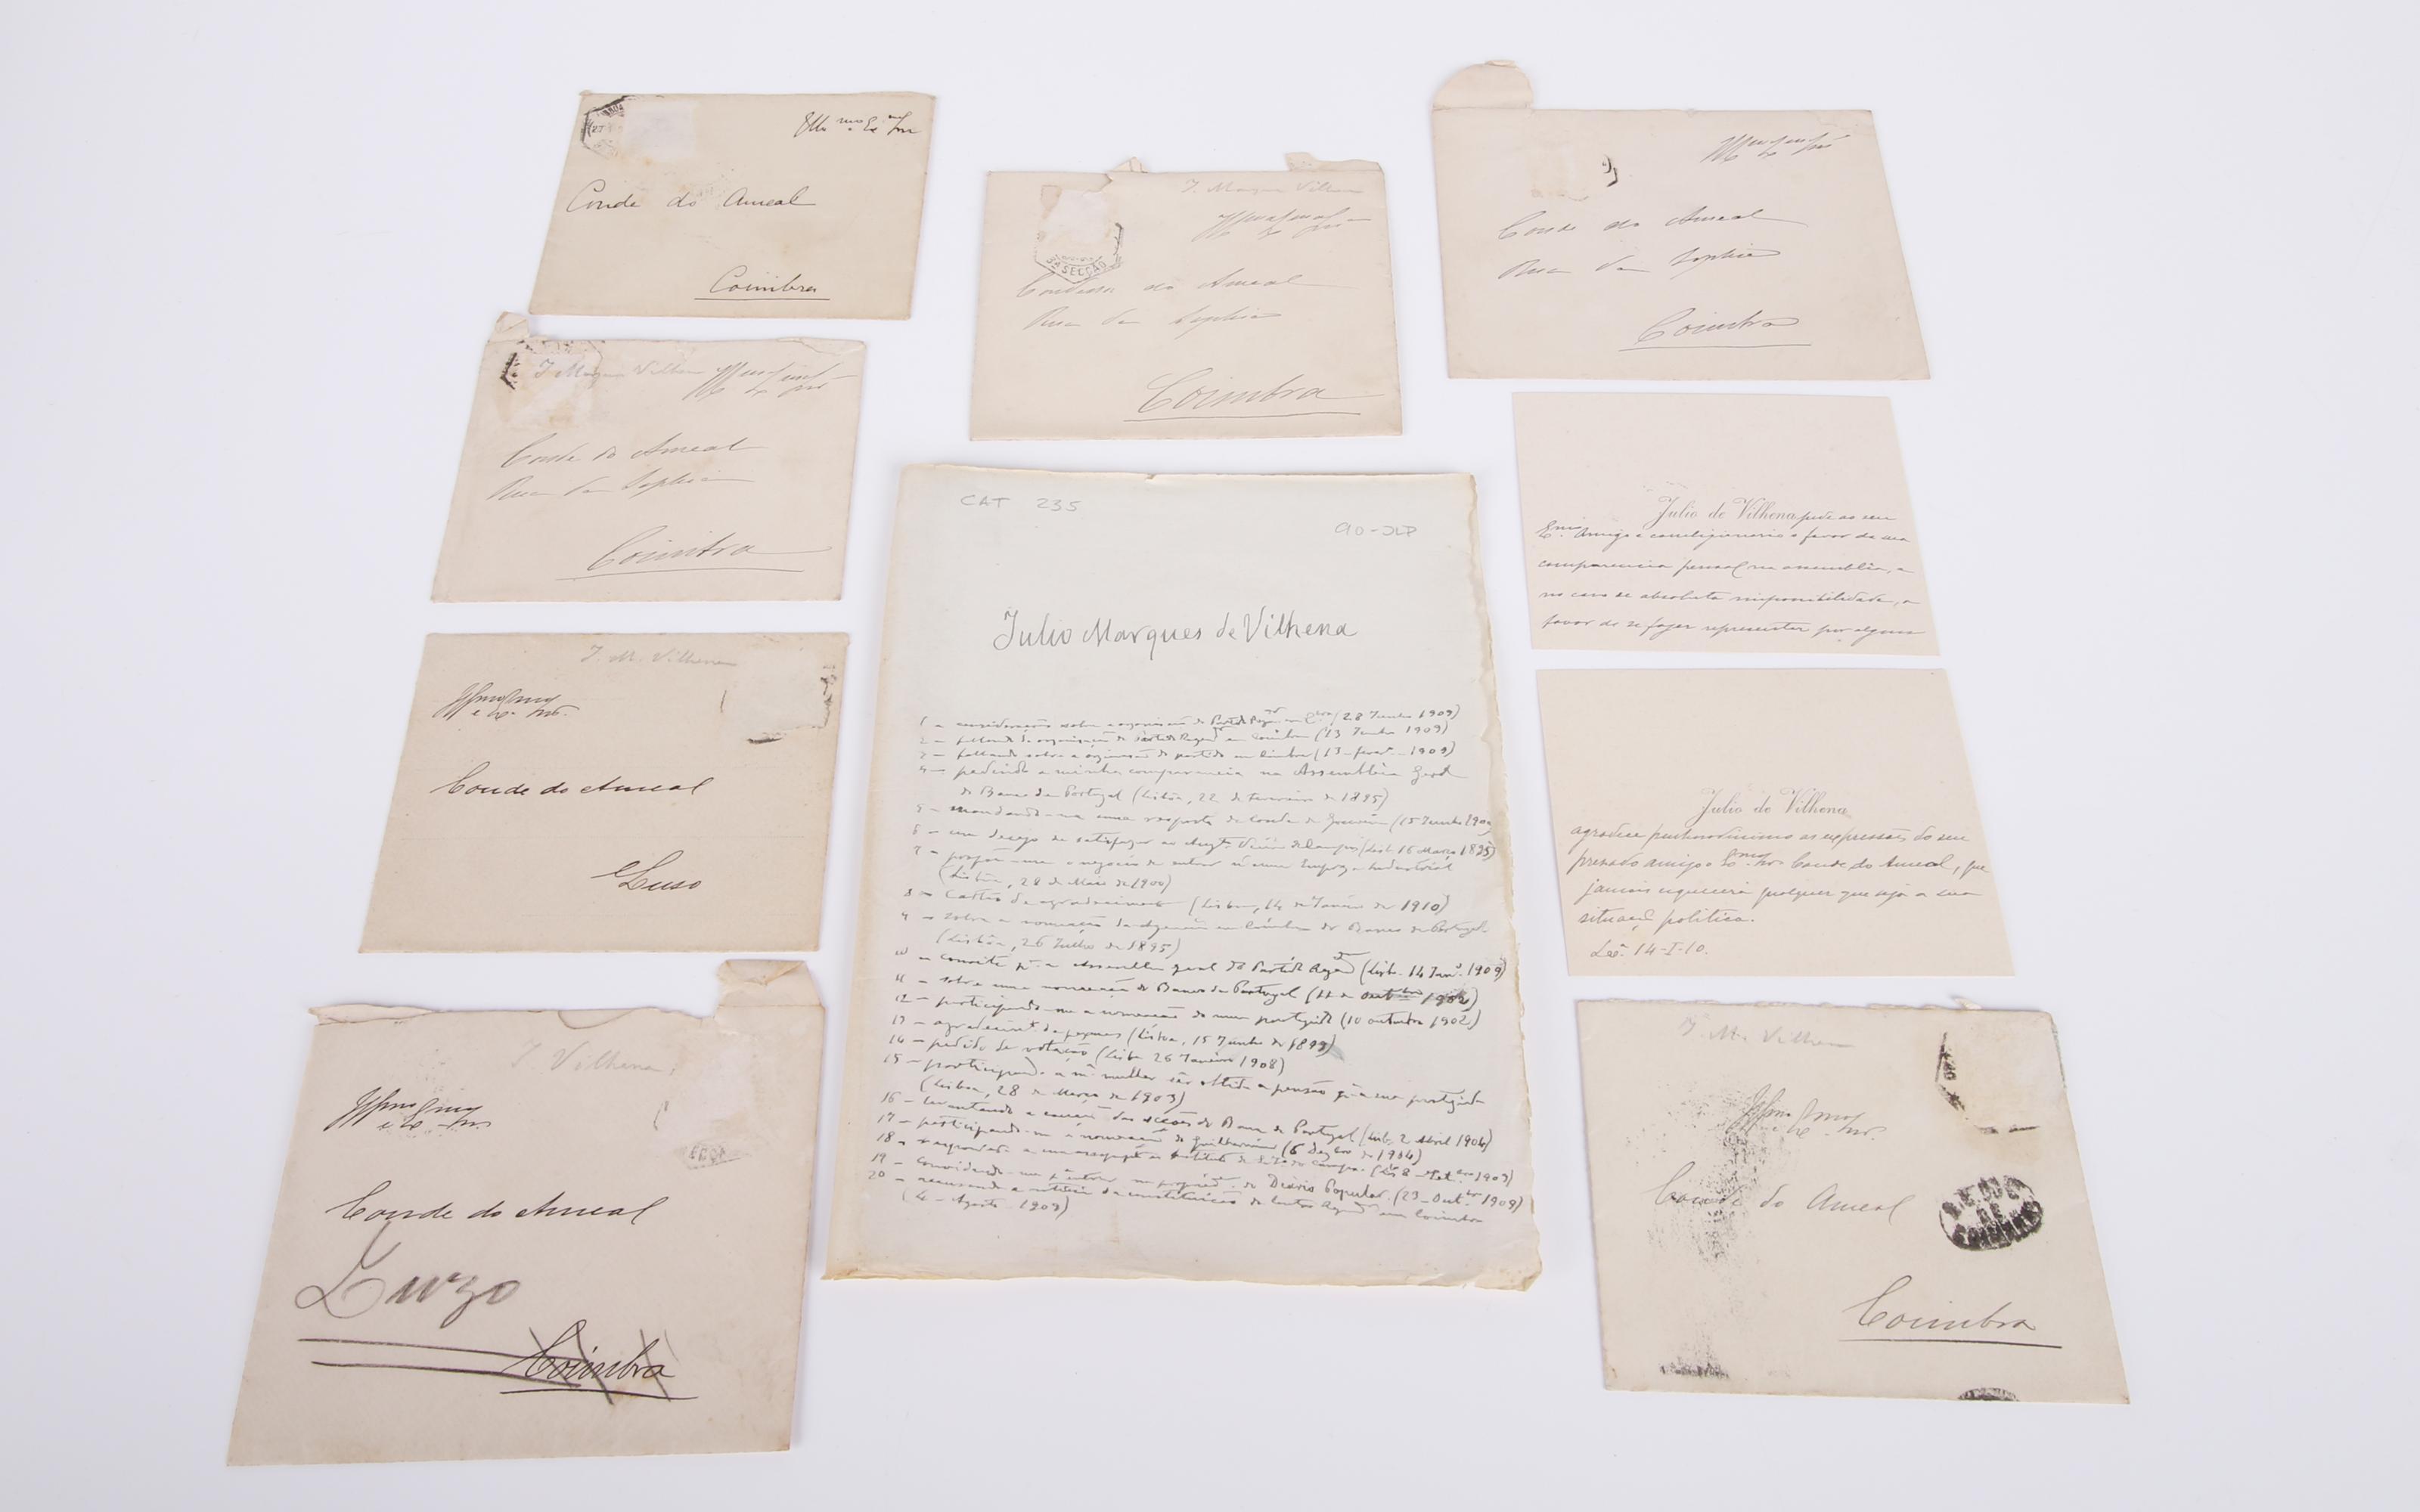 JÚLIO DE VILHENA.- Dezoito cartas e dois cartões